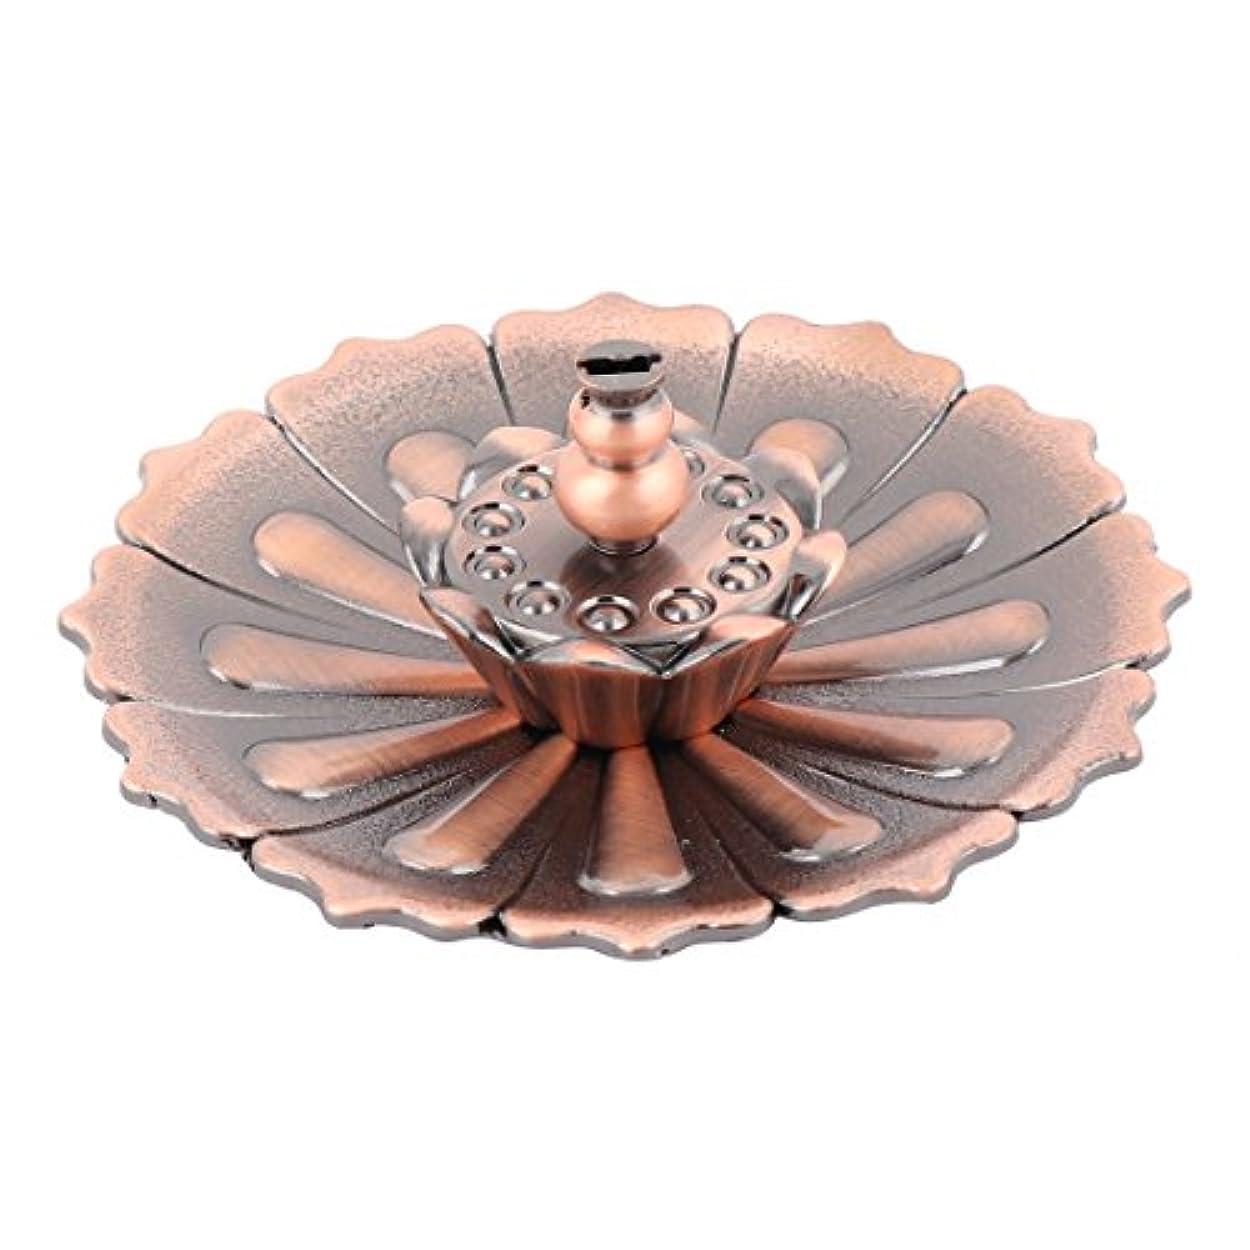 デンマーク語前者ブルームuxcell 香炉ホルダー お香立て インセンスホルダー 蓮 ロータス 花型 セット 金属製 家庭用 直径10cm